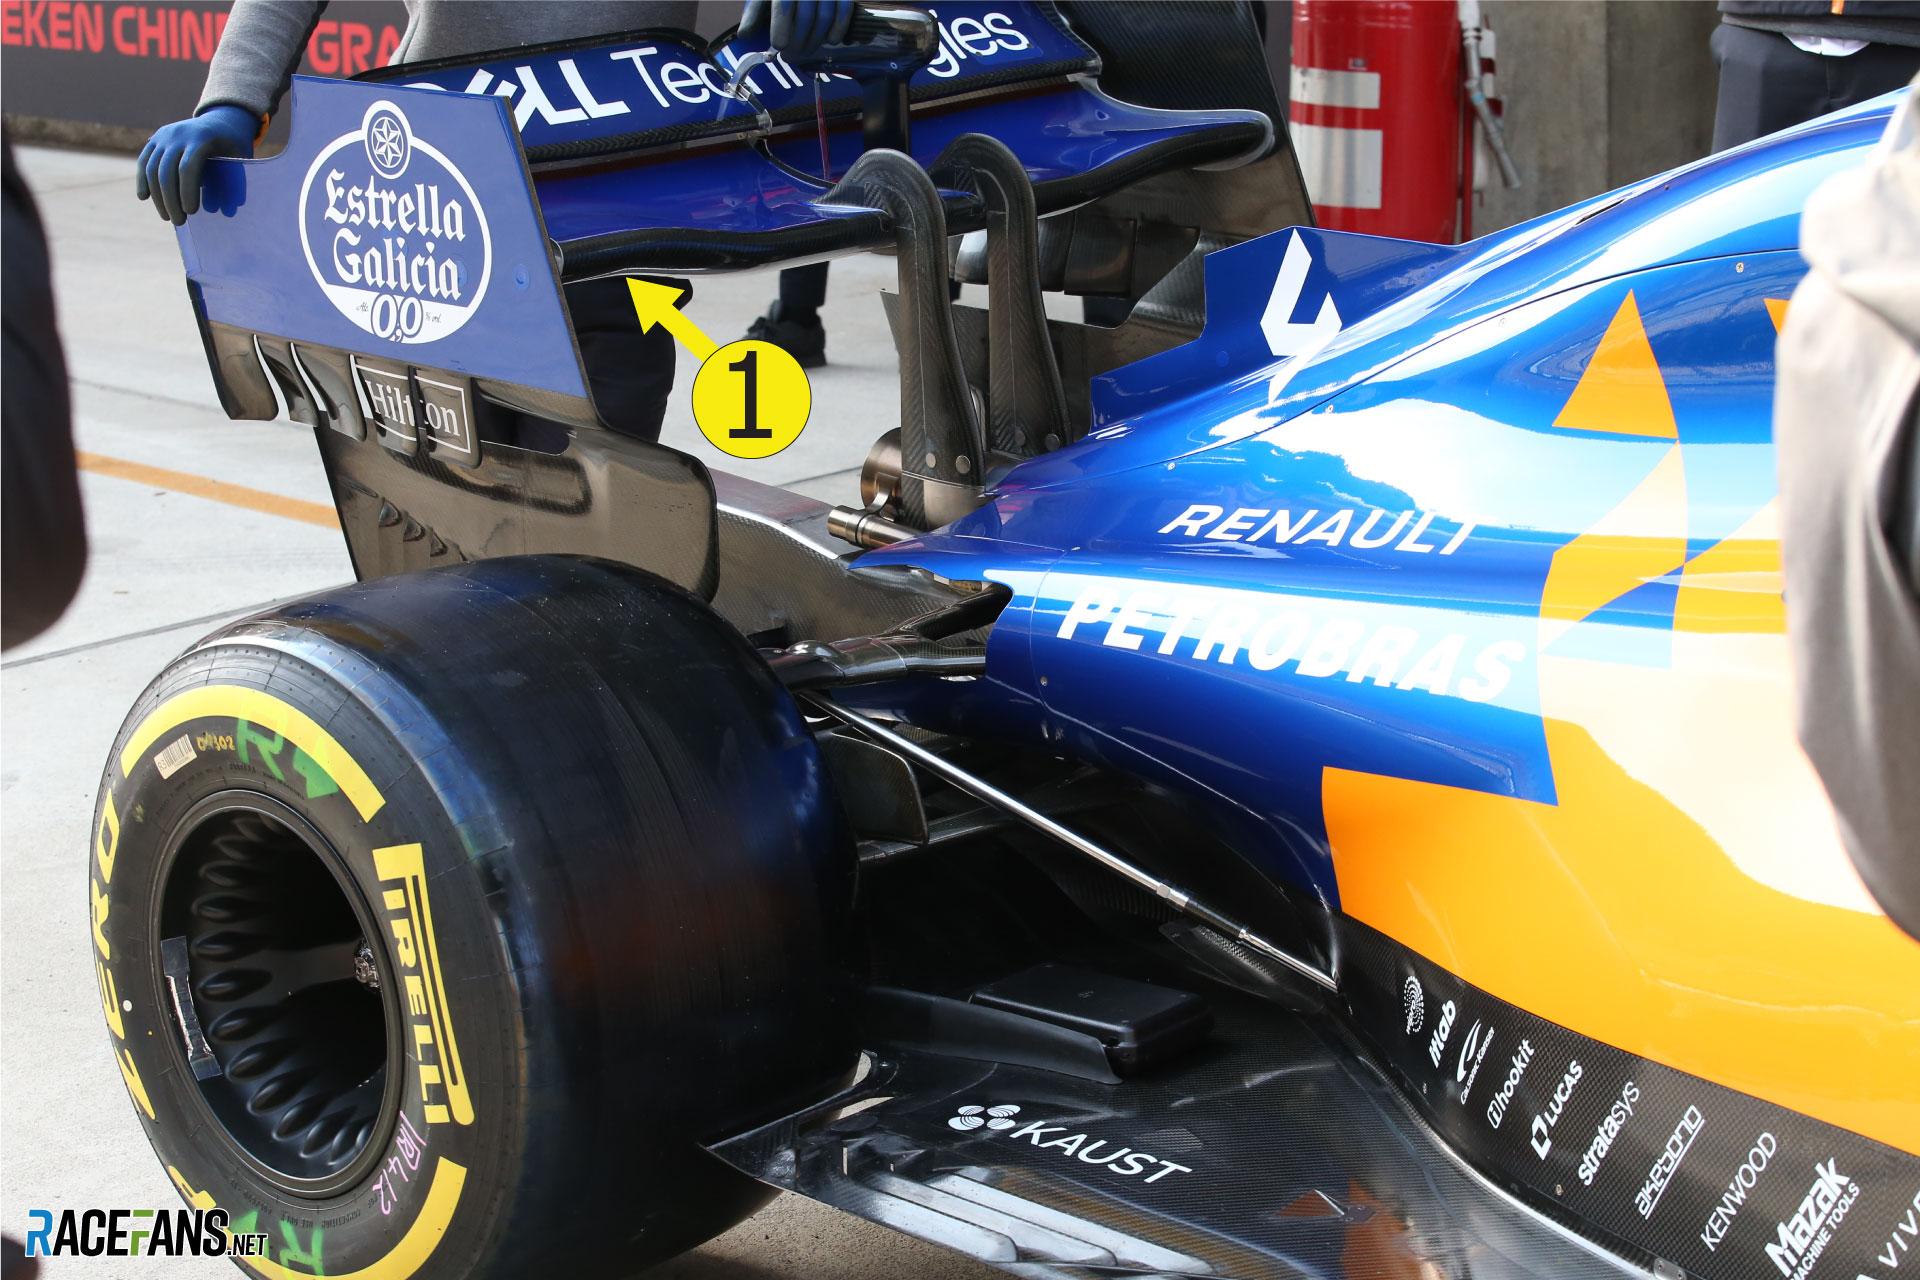 McLaren rear wing, Shanghai International Circuit, 2019